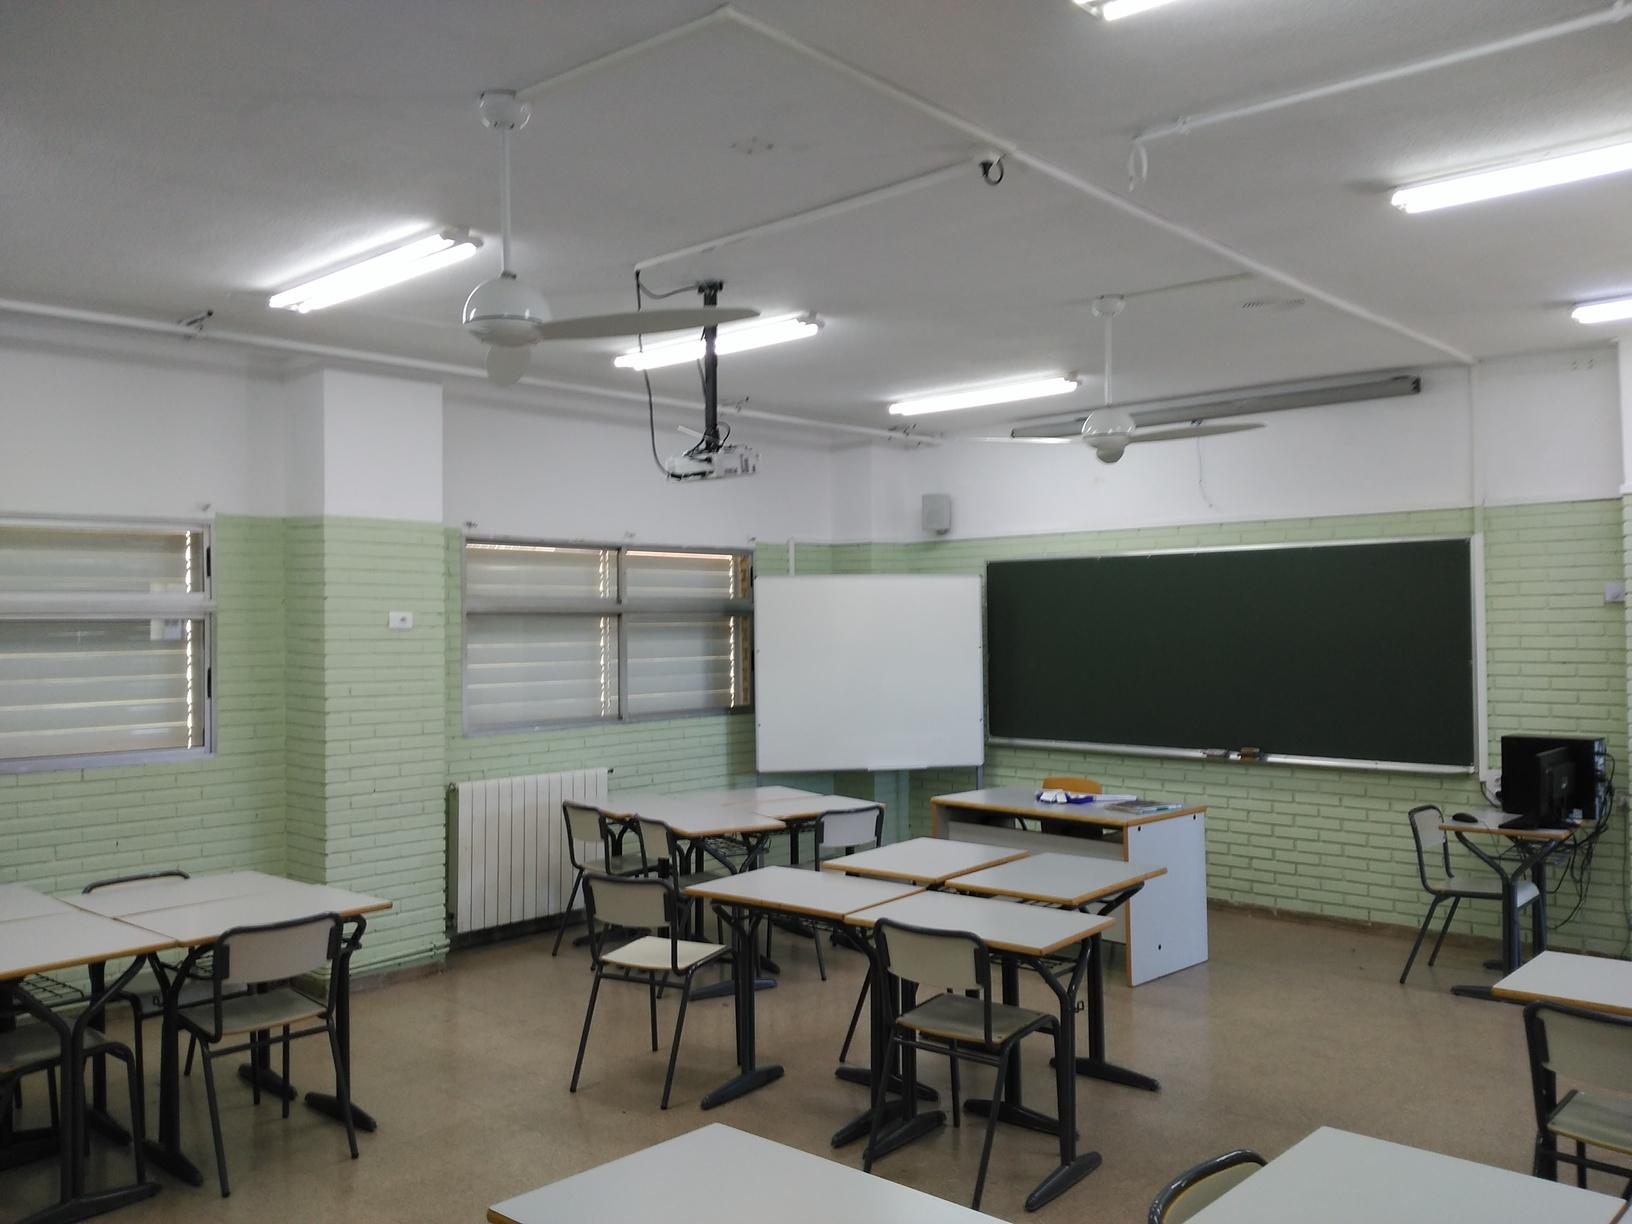 Ventilador de techo Modern Fan instalado en una aula de un insituto